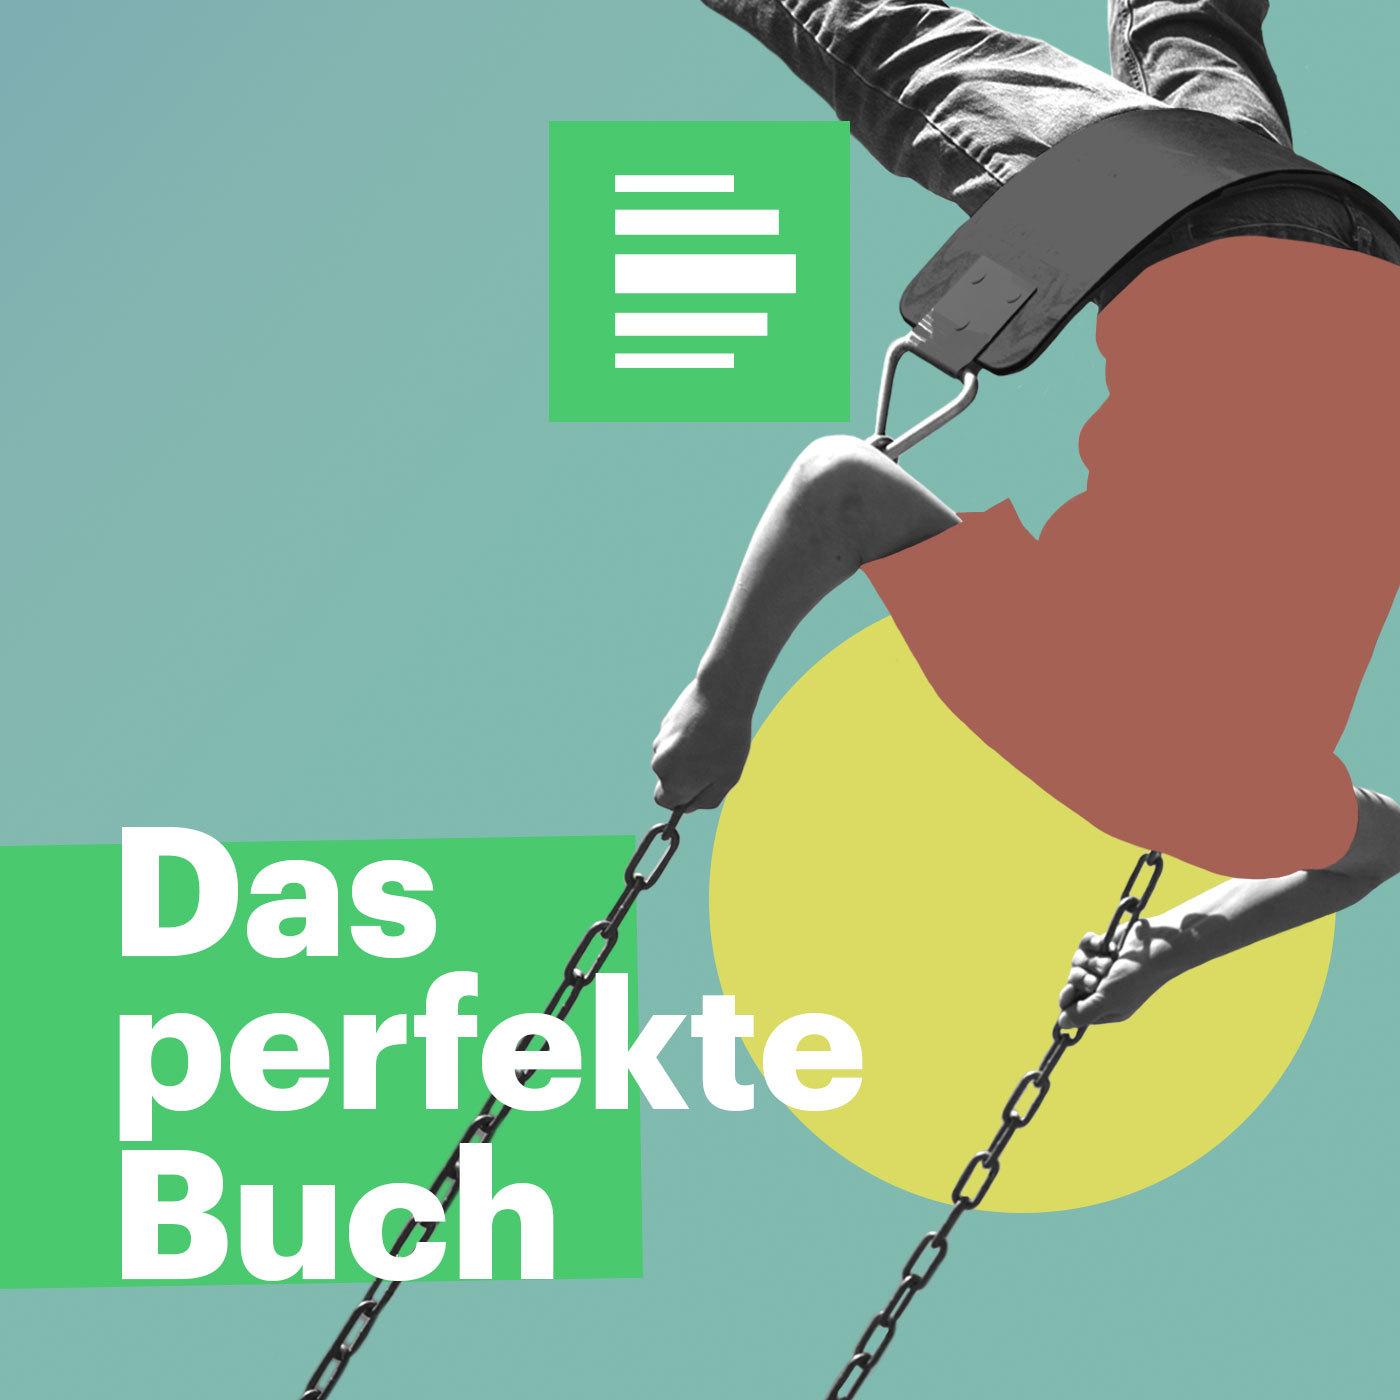 Das perfekte Buch für den Moment - Deutschlandfunk Nova by ...